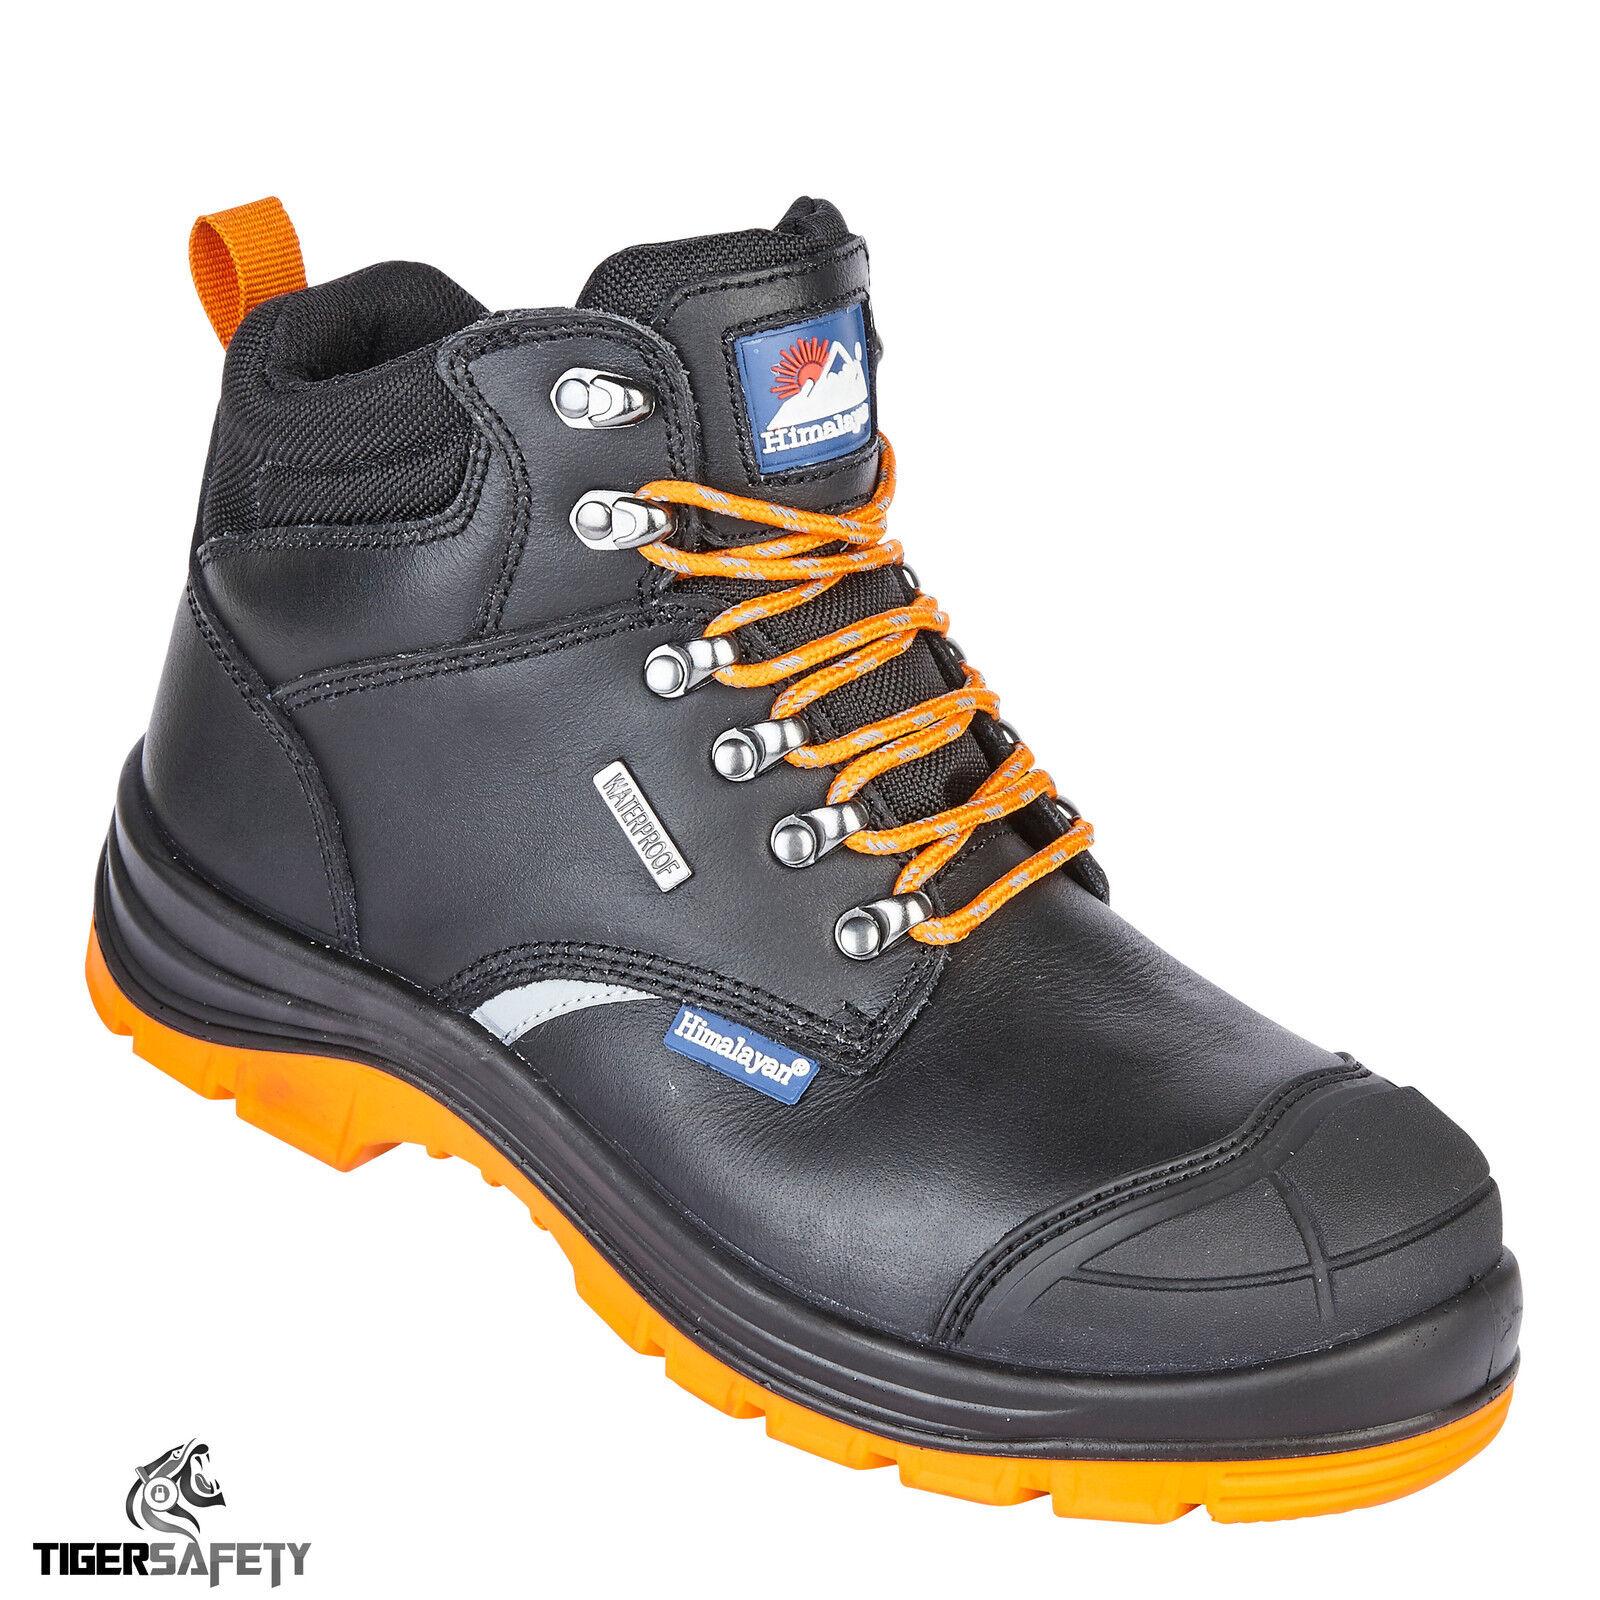 5402 dell'Himalaya S3 impermeabile nero in pelle di Reflecto Acciaio Puntale Stivali di pelle sicurezza 2520d6